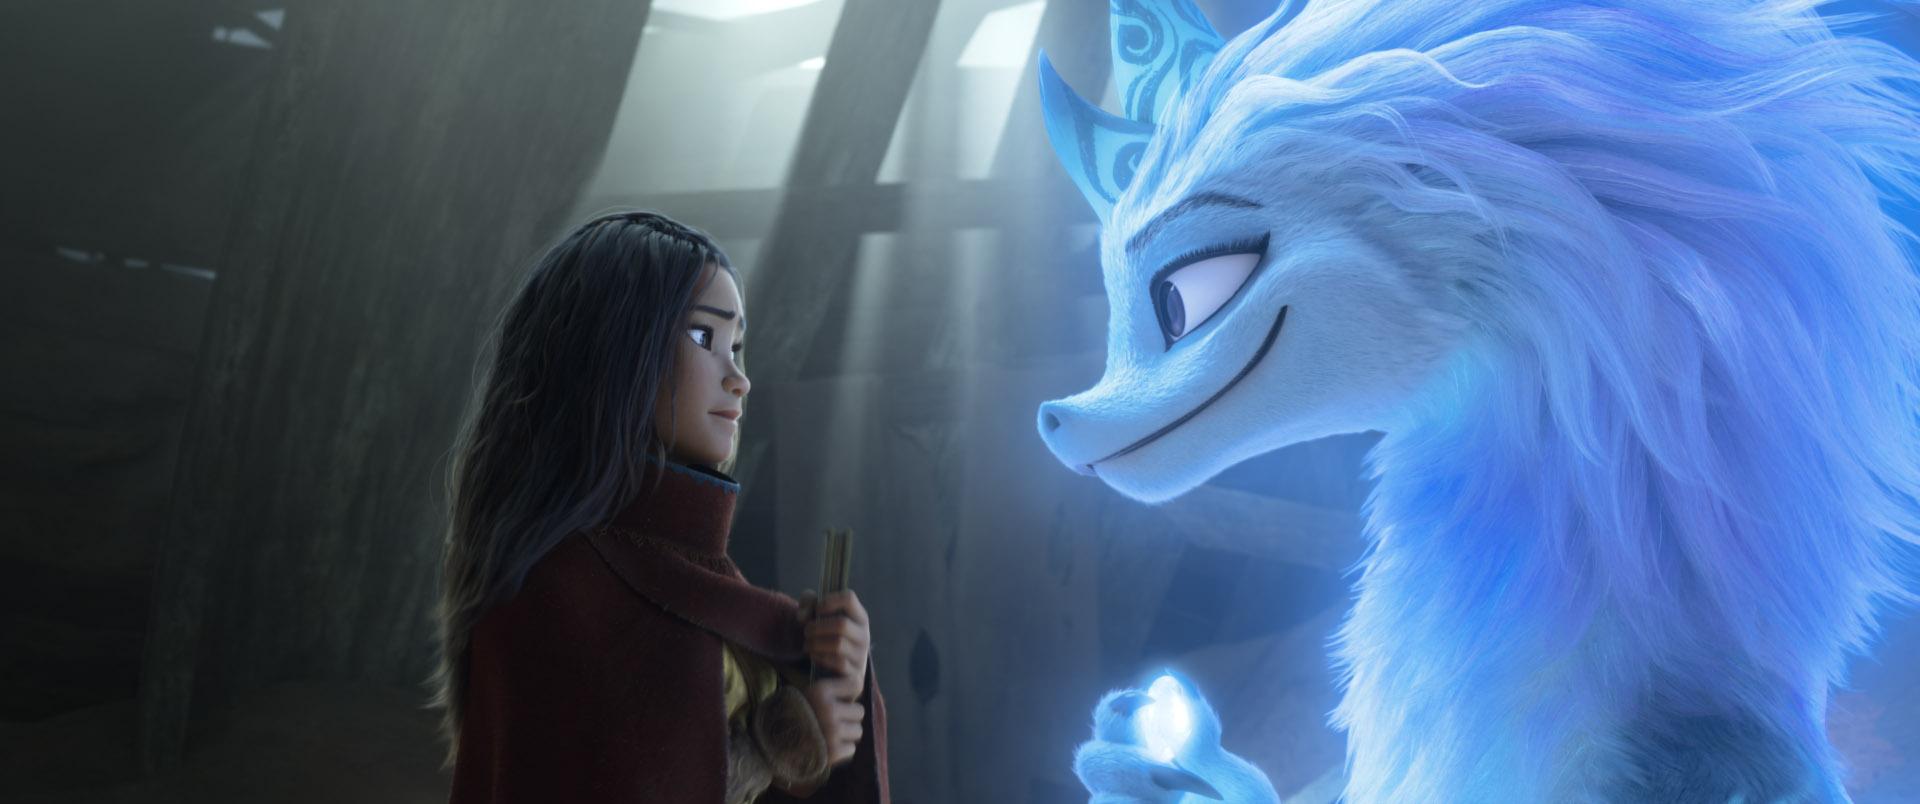 Raya y el último dragón. Walt Disney Animation Studios